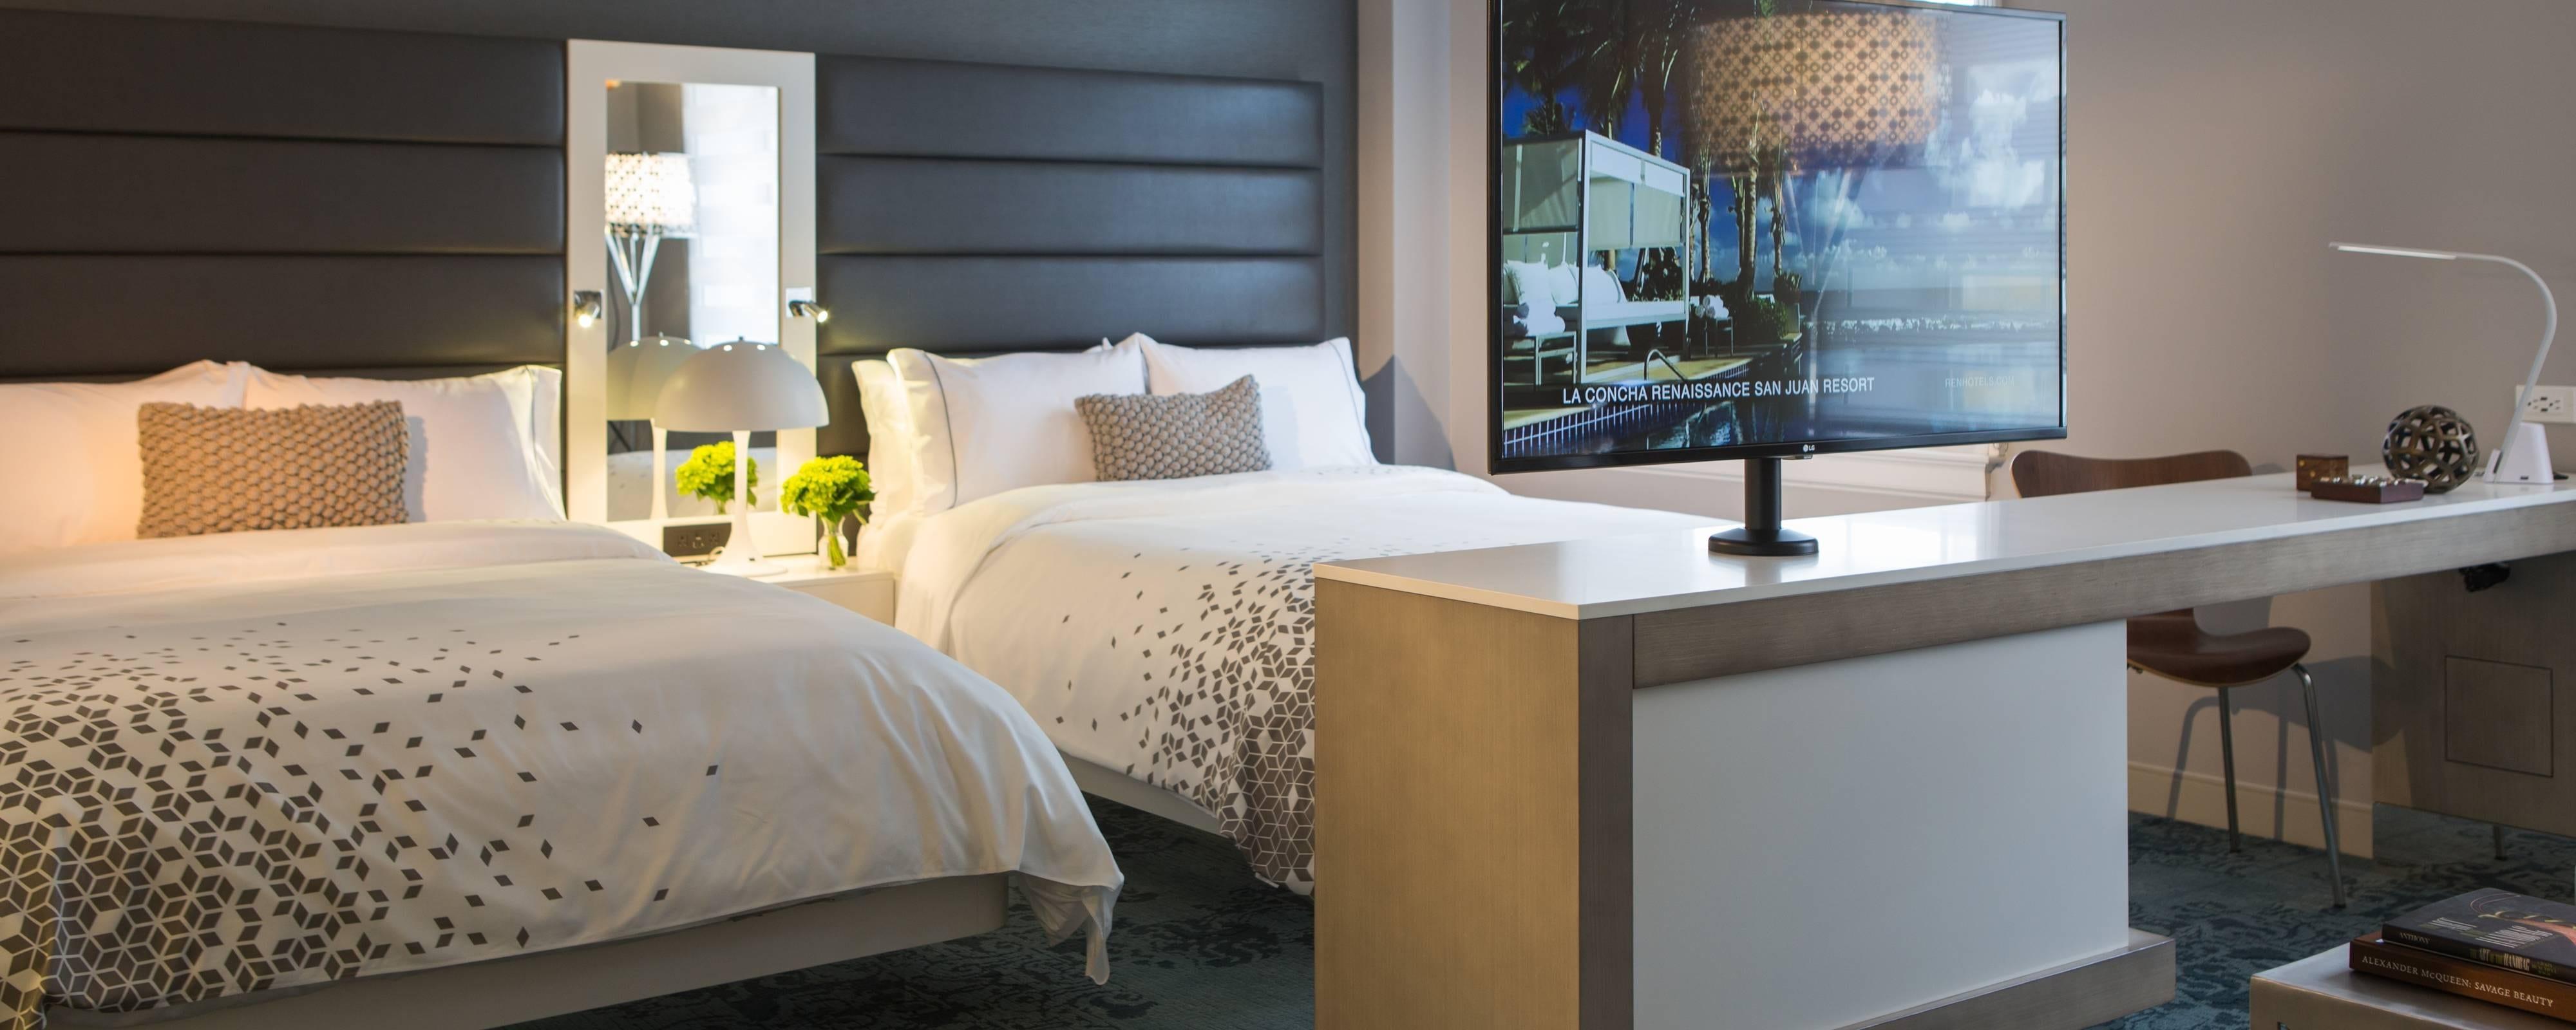 Luxury Hotel Near Times Union Center In Albany Ny Renaissance